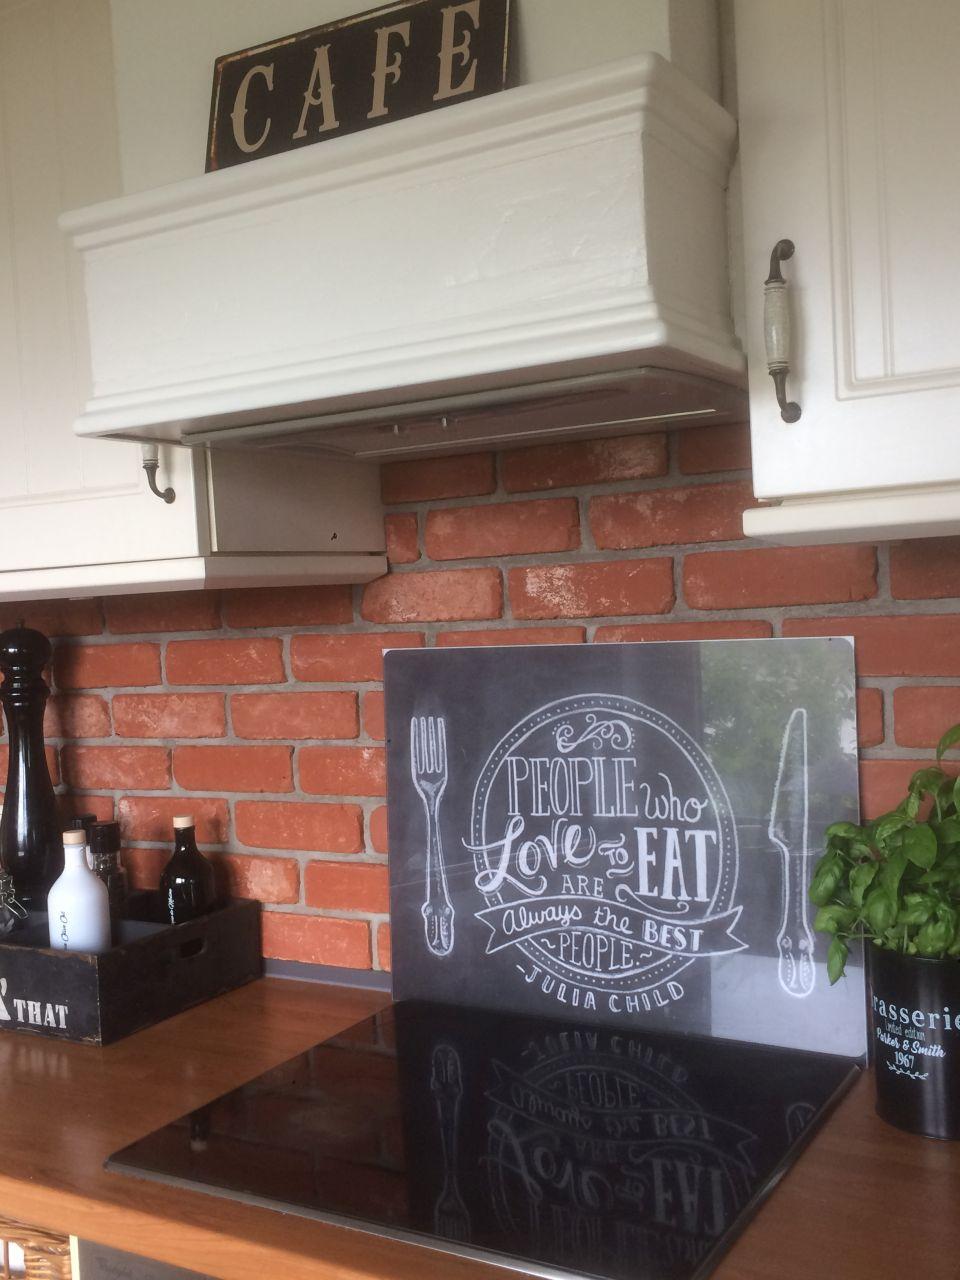 Full Size of Küche Fliesenspiegel Folie Küche Fliesenspiegel Ja Oder Nein Fototapete Küche Fliesenspiegel Küche Fliesenspiegel Verschönern Küche Küche Fliesenspiegel